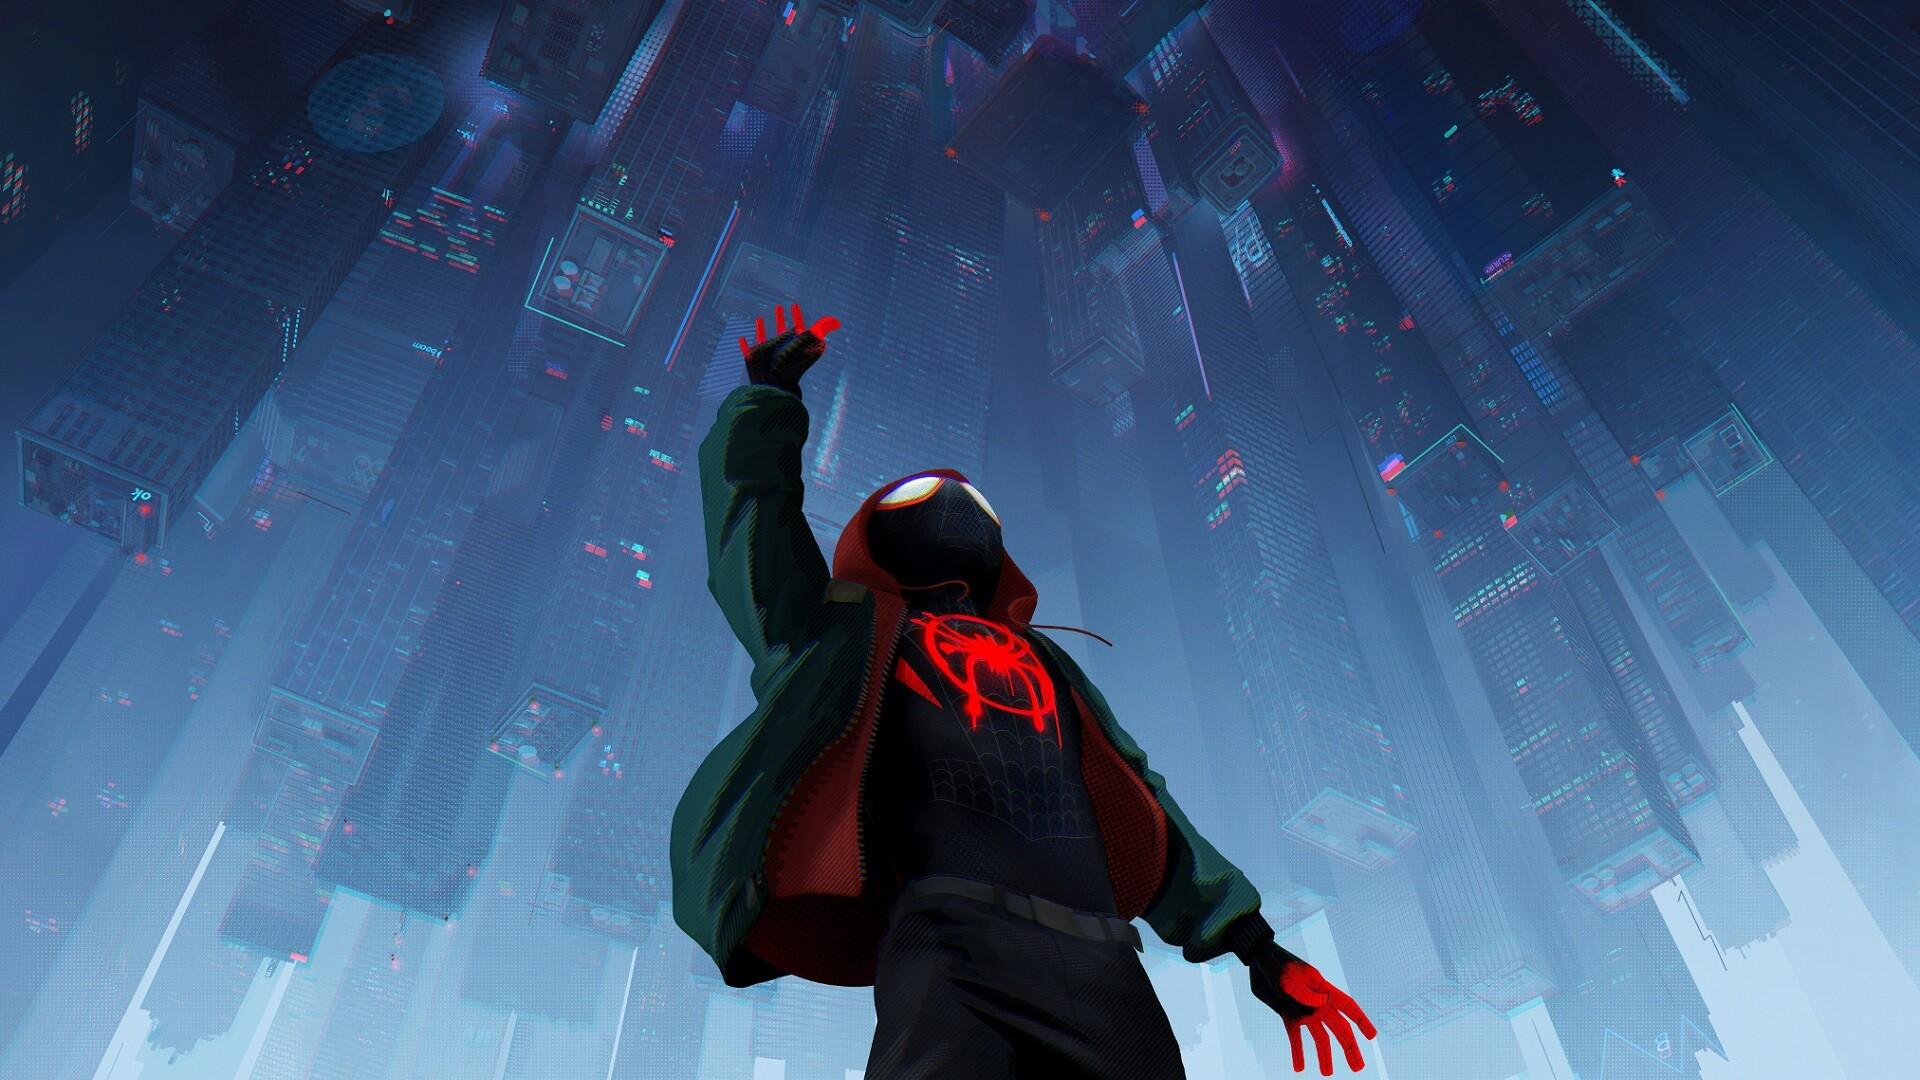 Обои для компьютера по мультфильму Человек-паук: Через ...